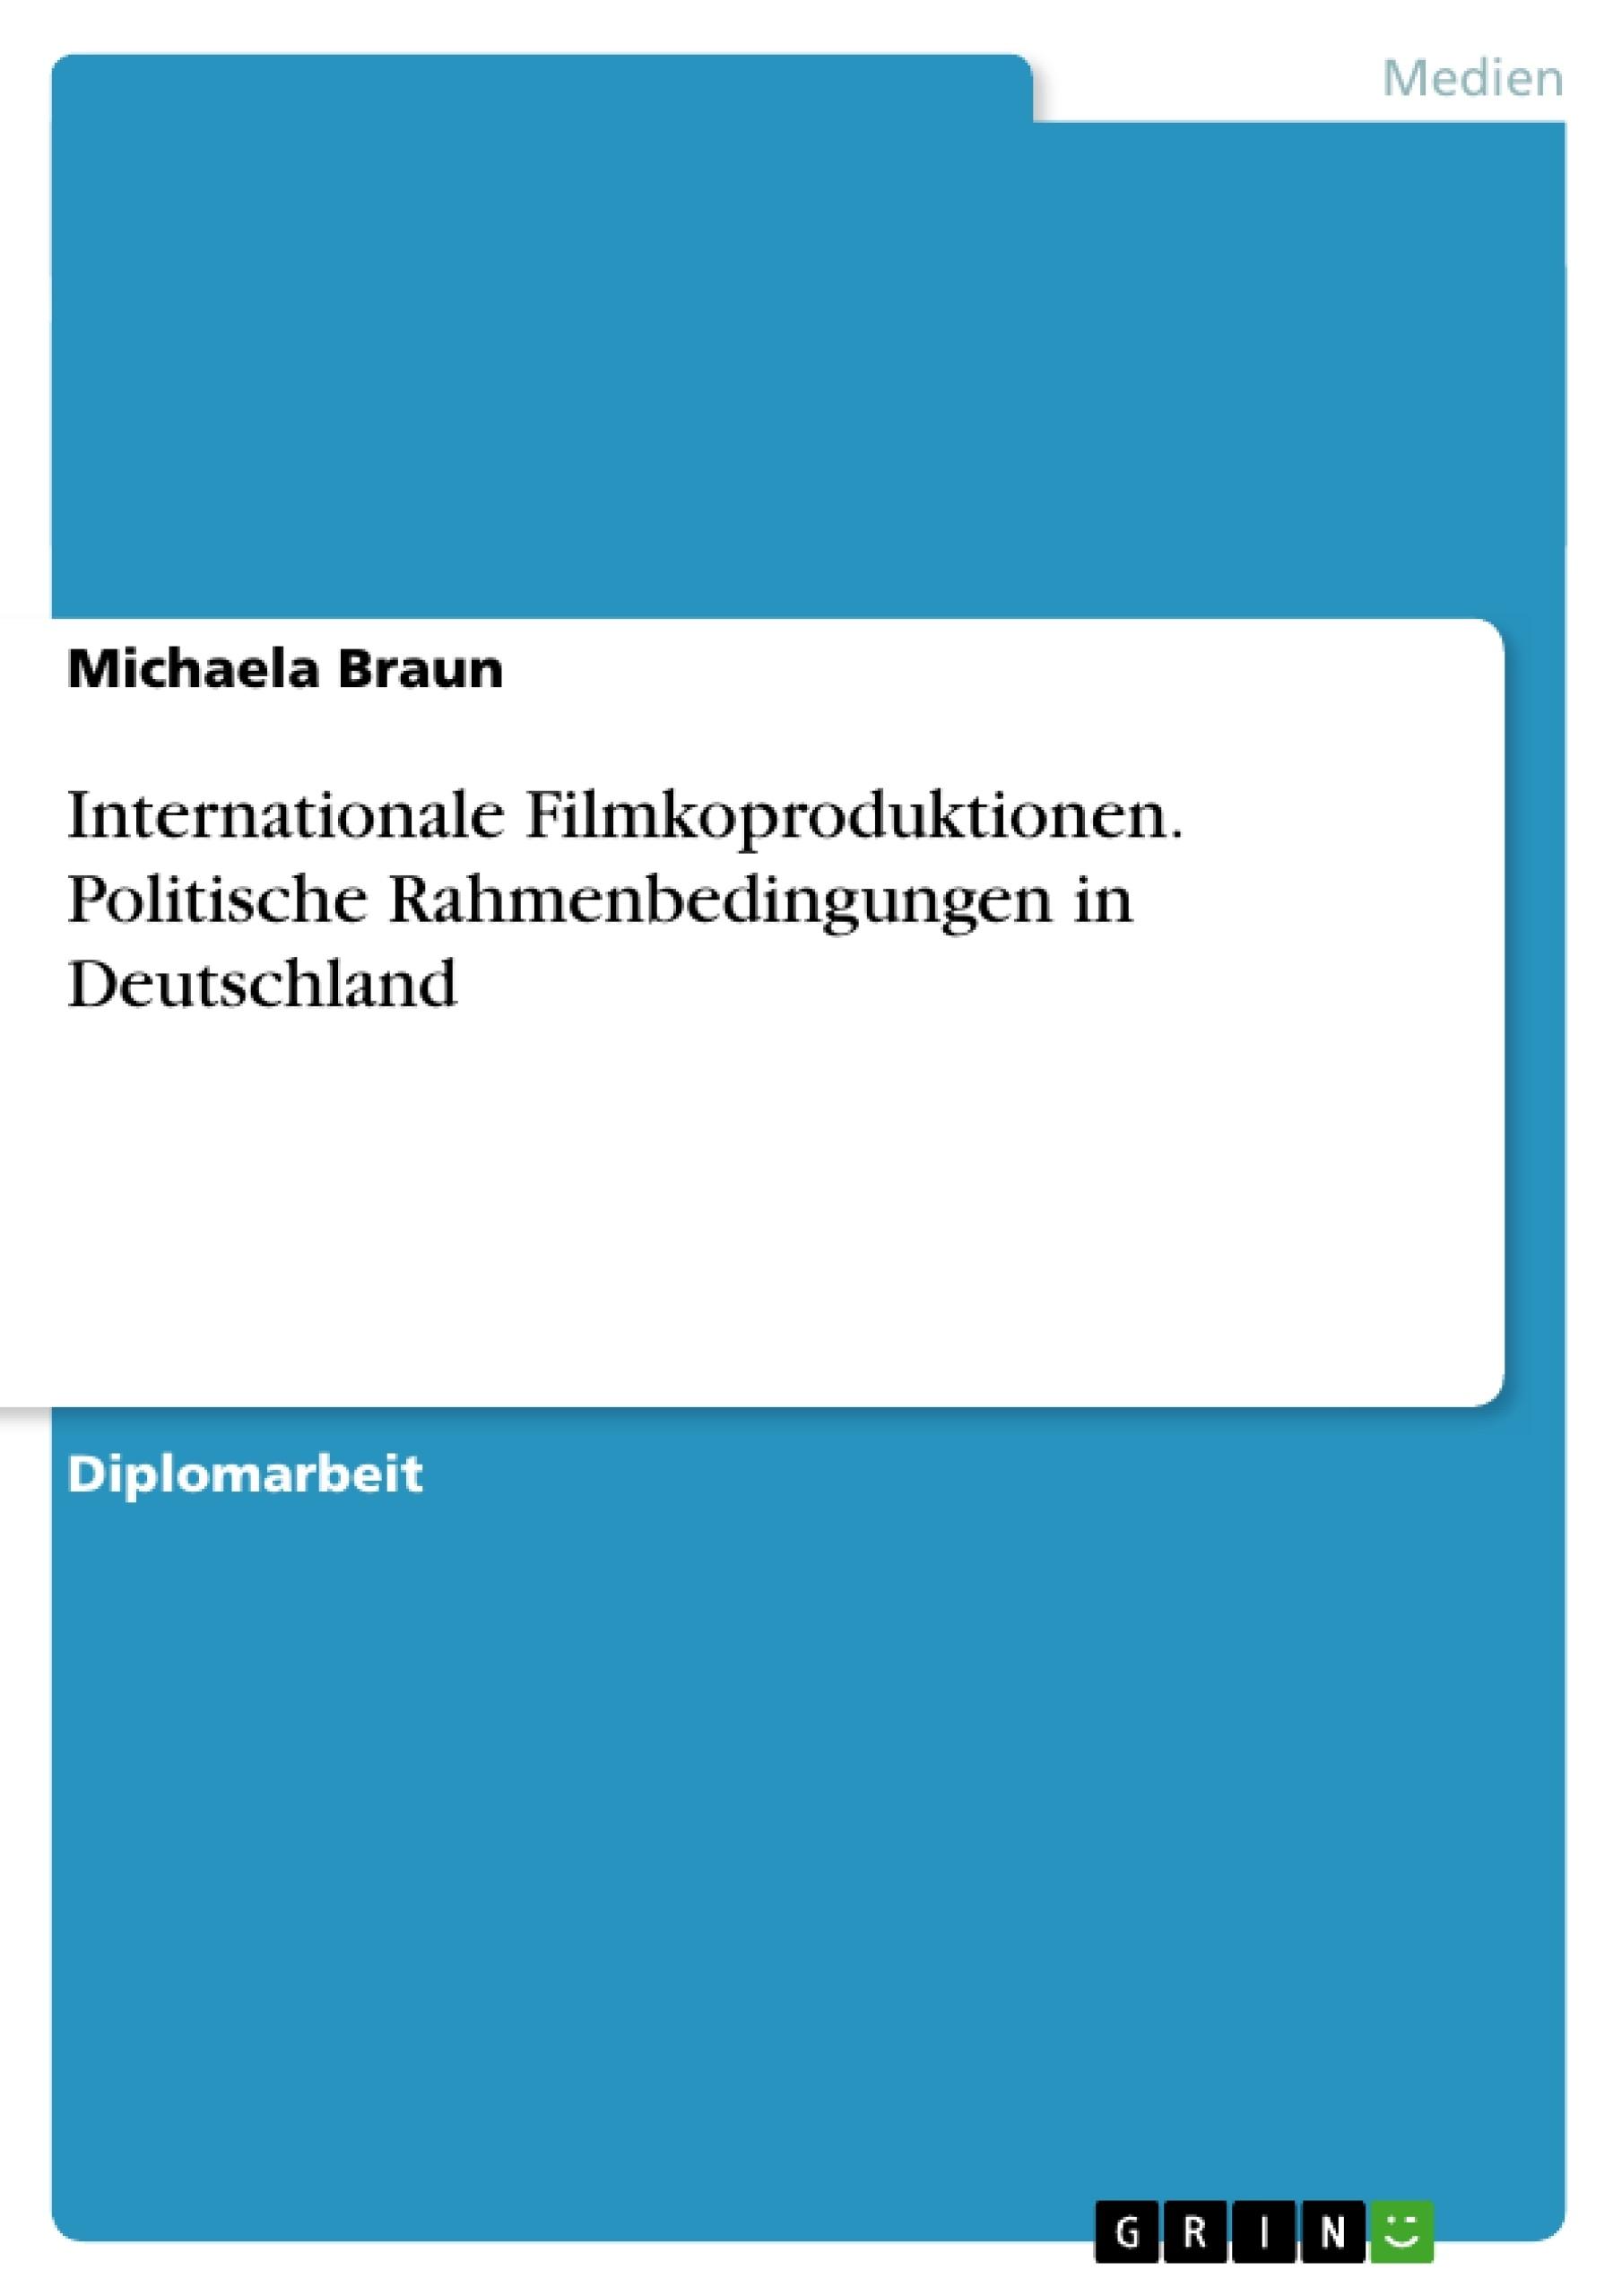 Titel: Internationale Filmkoproduktionen. Politische Rahmenbedingungen in Deutschland